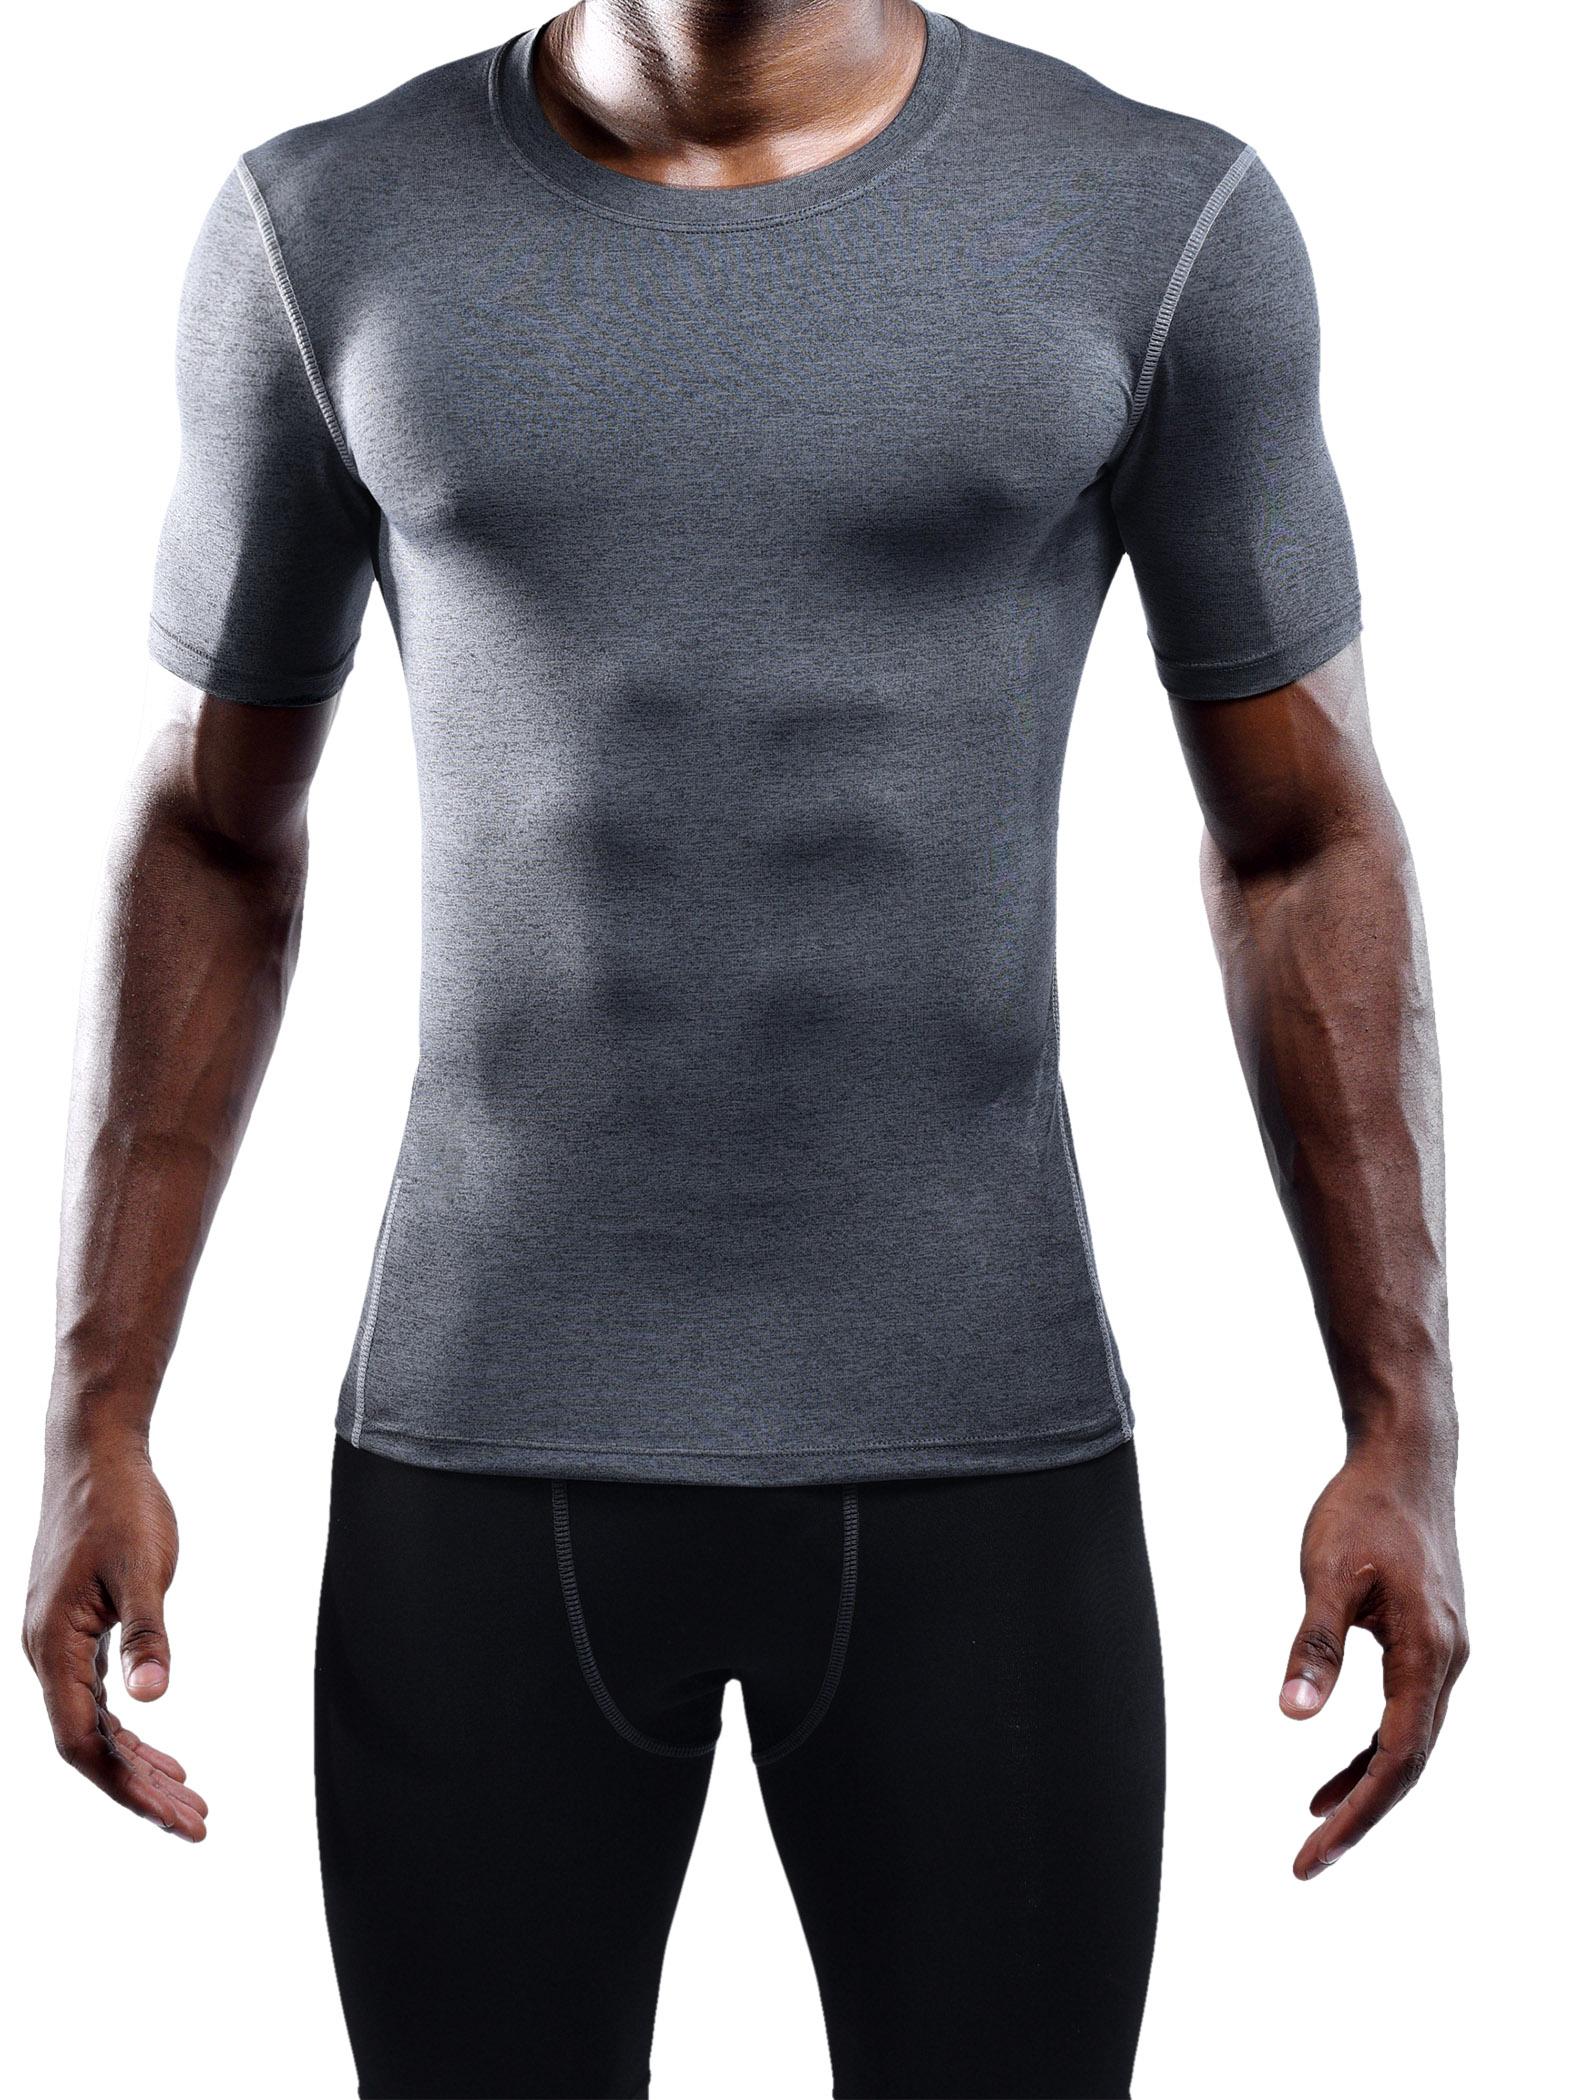 a60e9b6613e0 Neleus Men's 3 Pack Athletic Compression Under Base Layer Sport Shirt DT0003